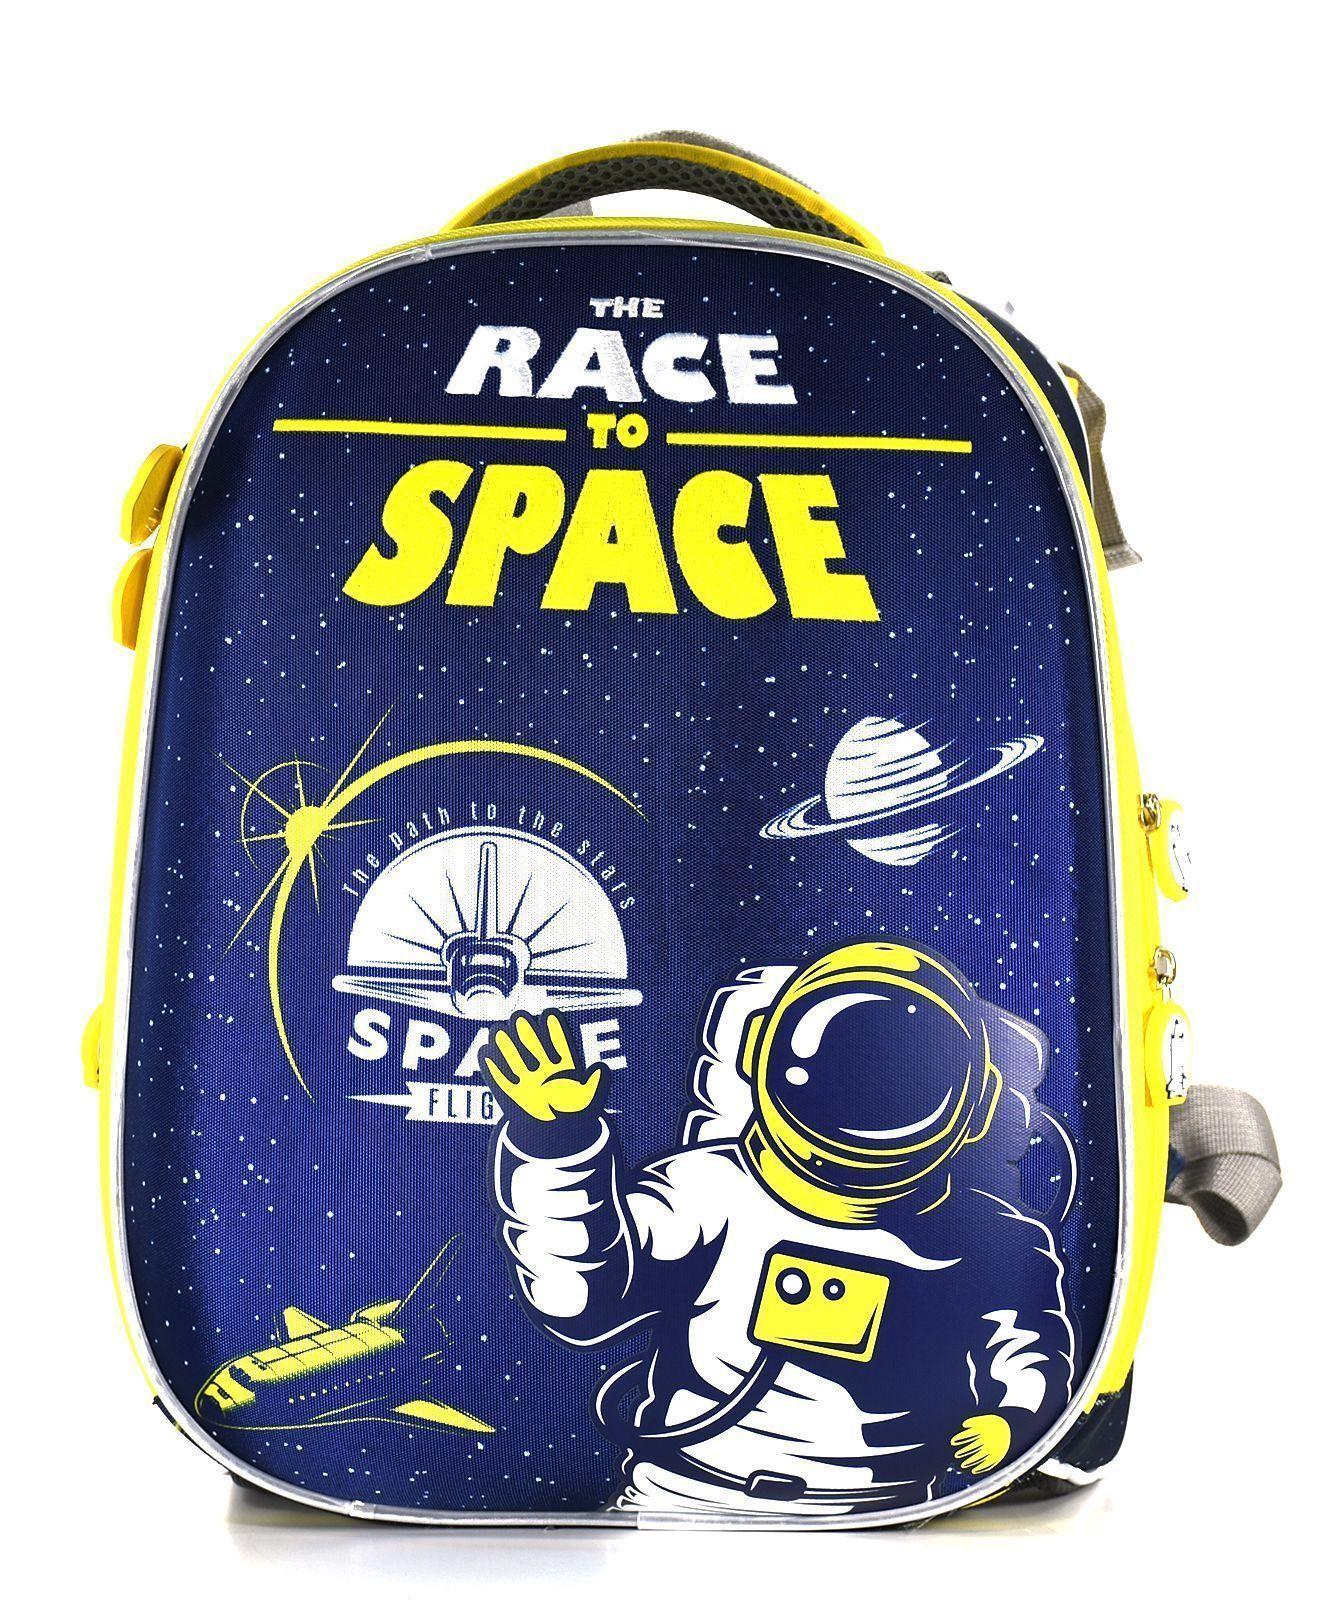 Рюкзак Schoolformat Race to space, модель ERGONOMIC+, жесткий каркас, двухсекционный, 38х30х18 см, 17 л, для мальчиков